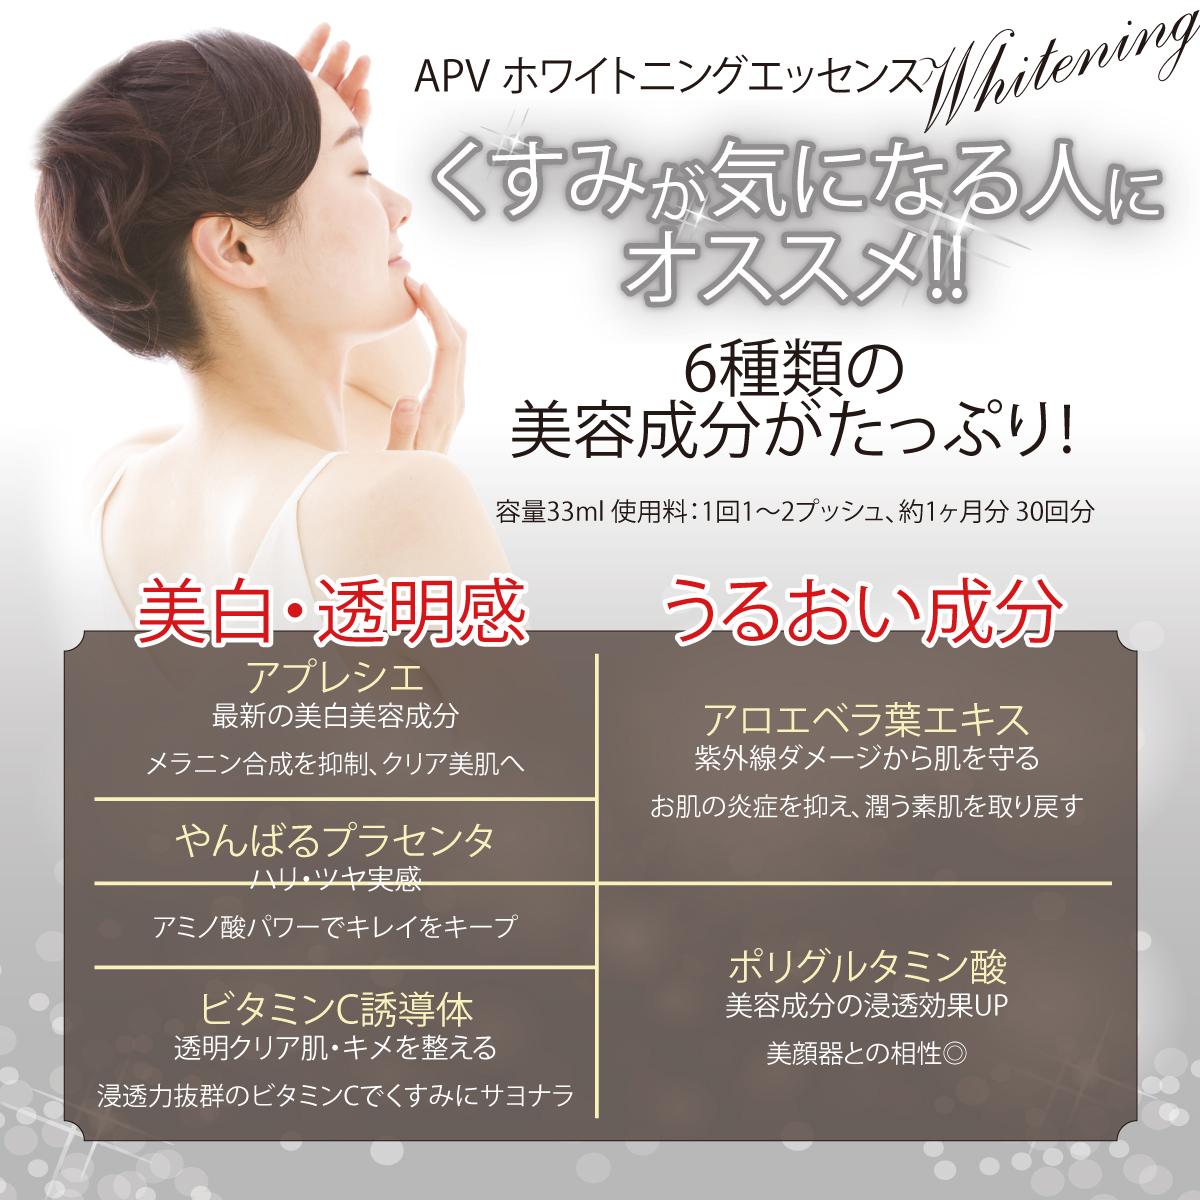 【ロゼぺリド】 APVホワイトエッセンス